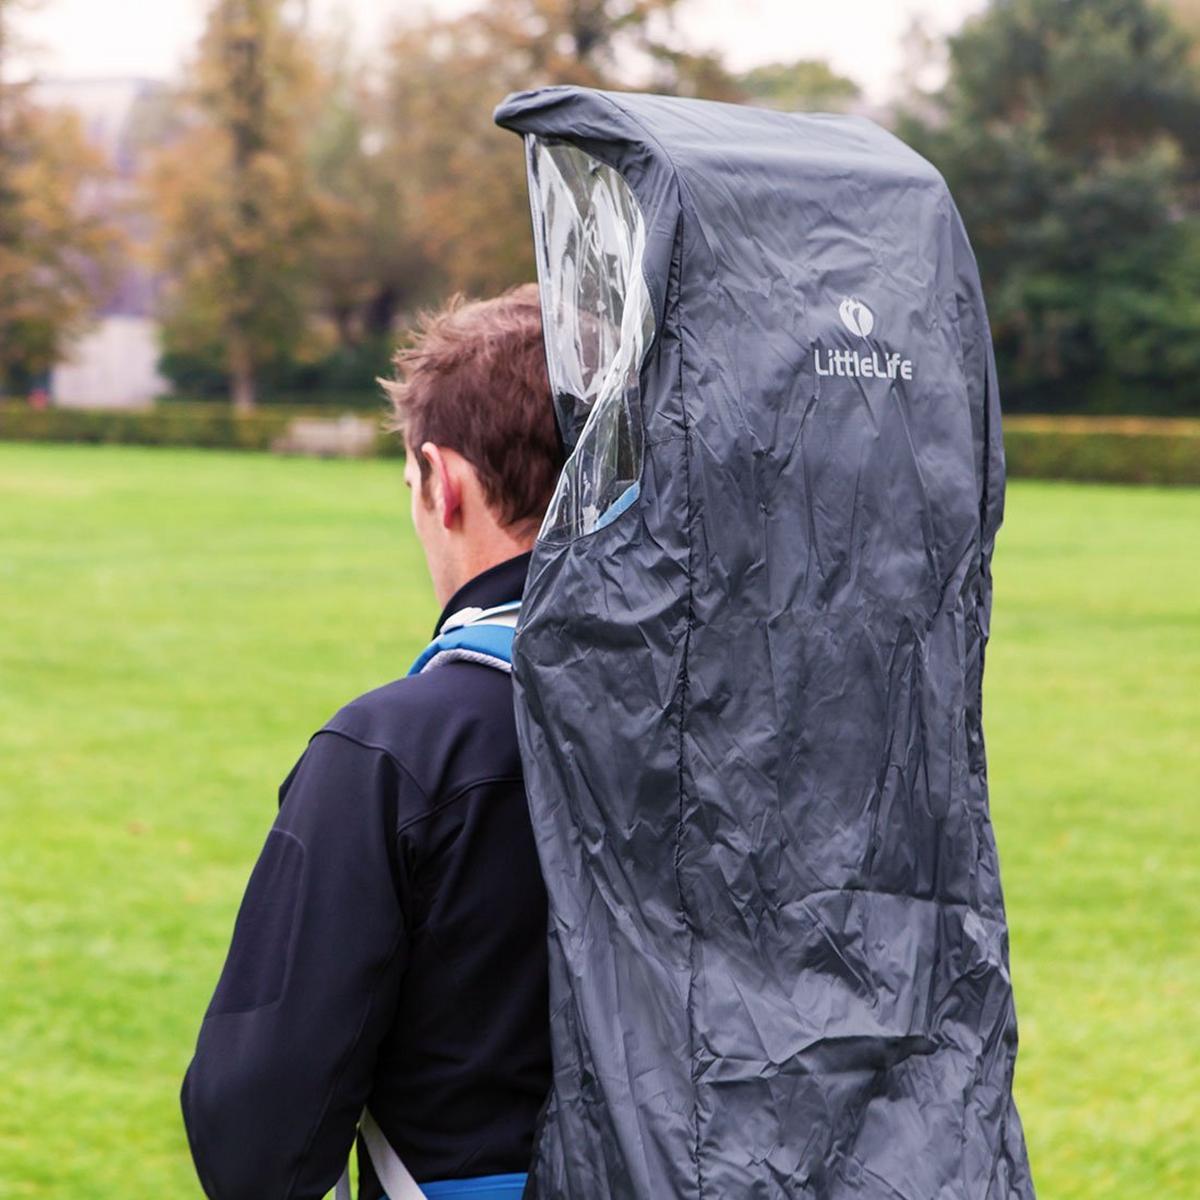 Littlelife Little Life Child Carrier Rain Cover